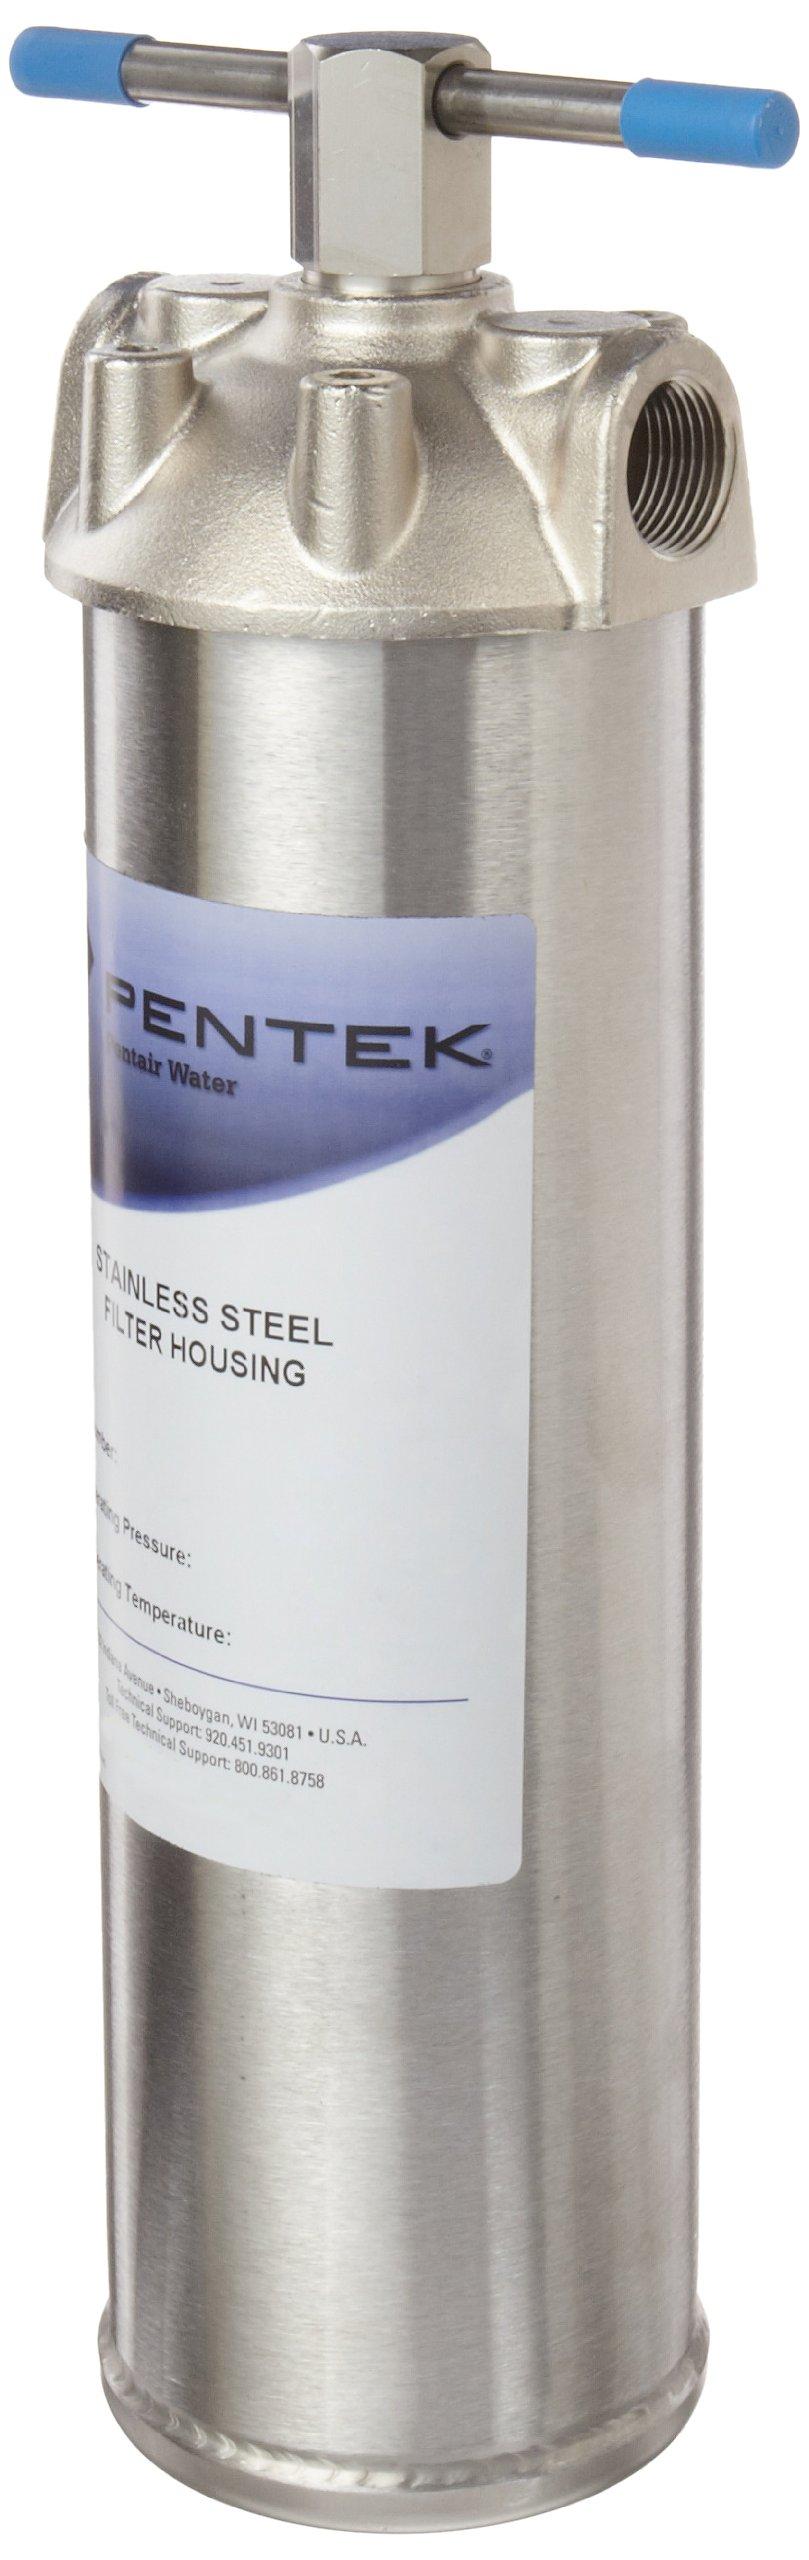 Pentek 156017-02 ST-1 3/4'' Stainless Steel Filter Housing